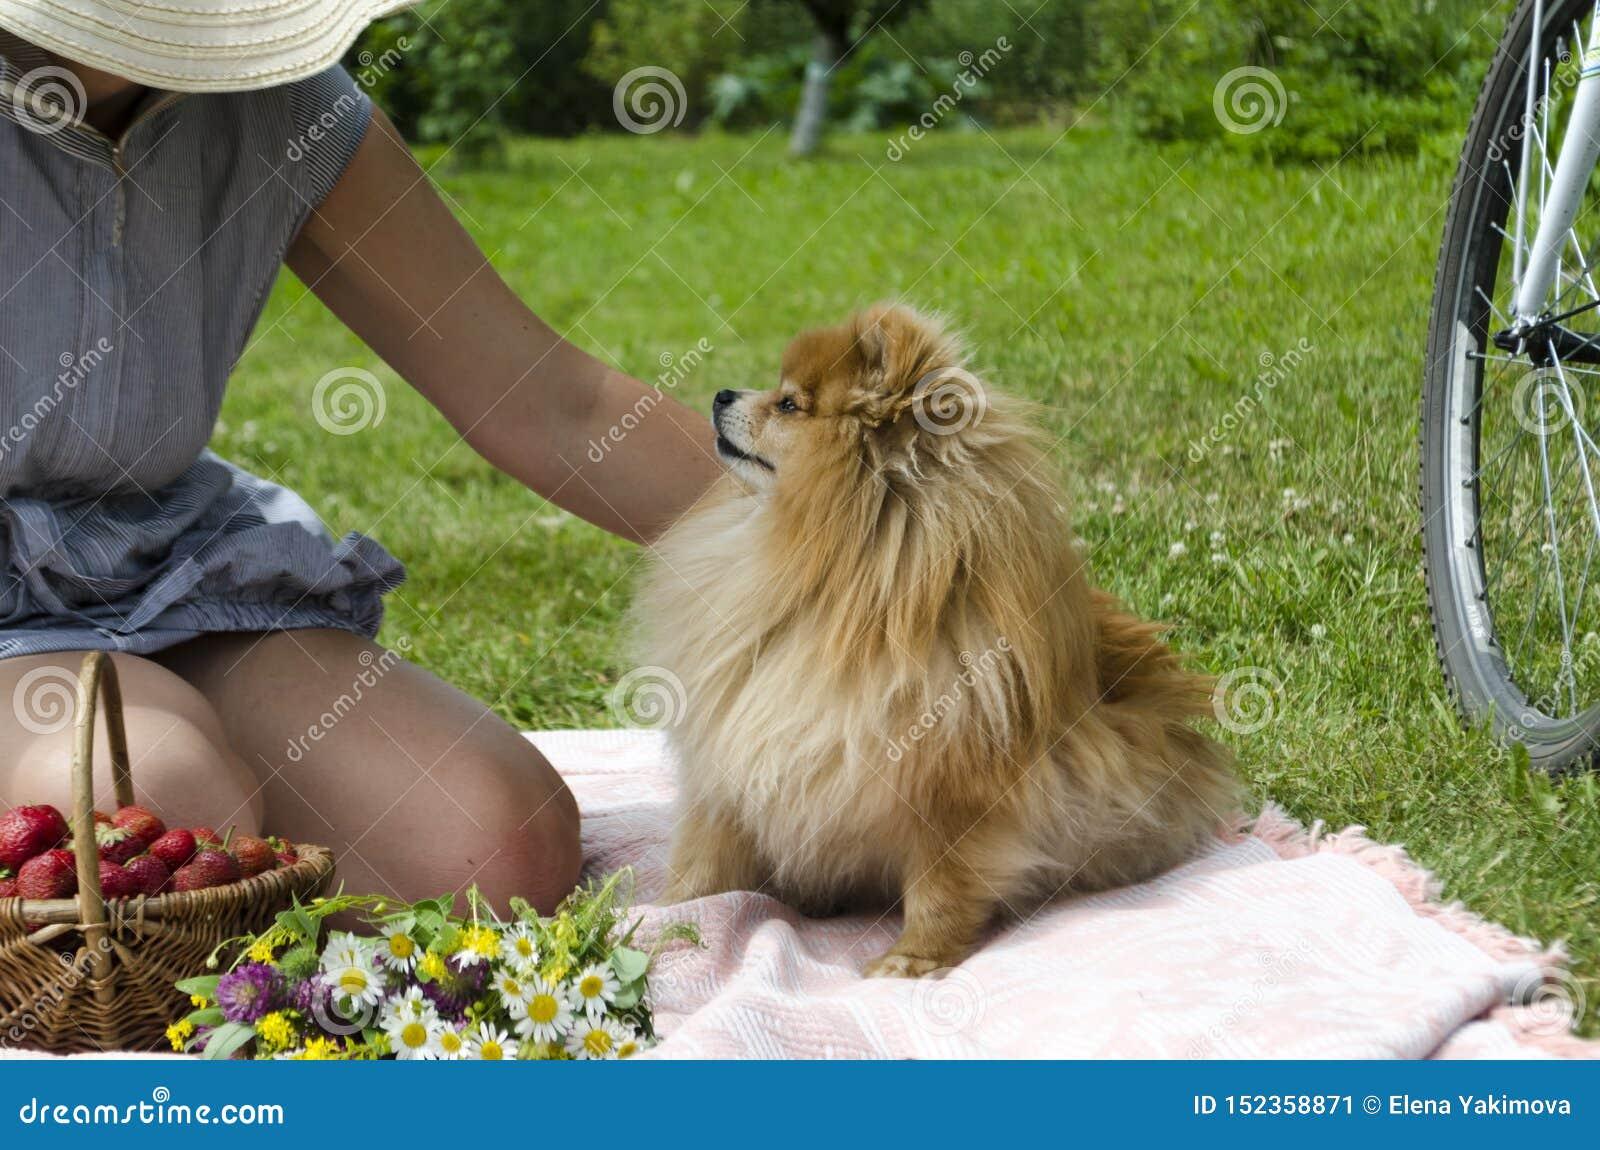 年轻女人抚摸橙色德国pomeranian波美丝毛狗